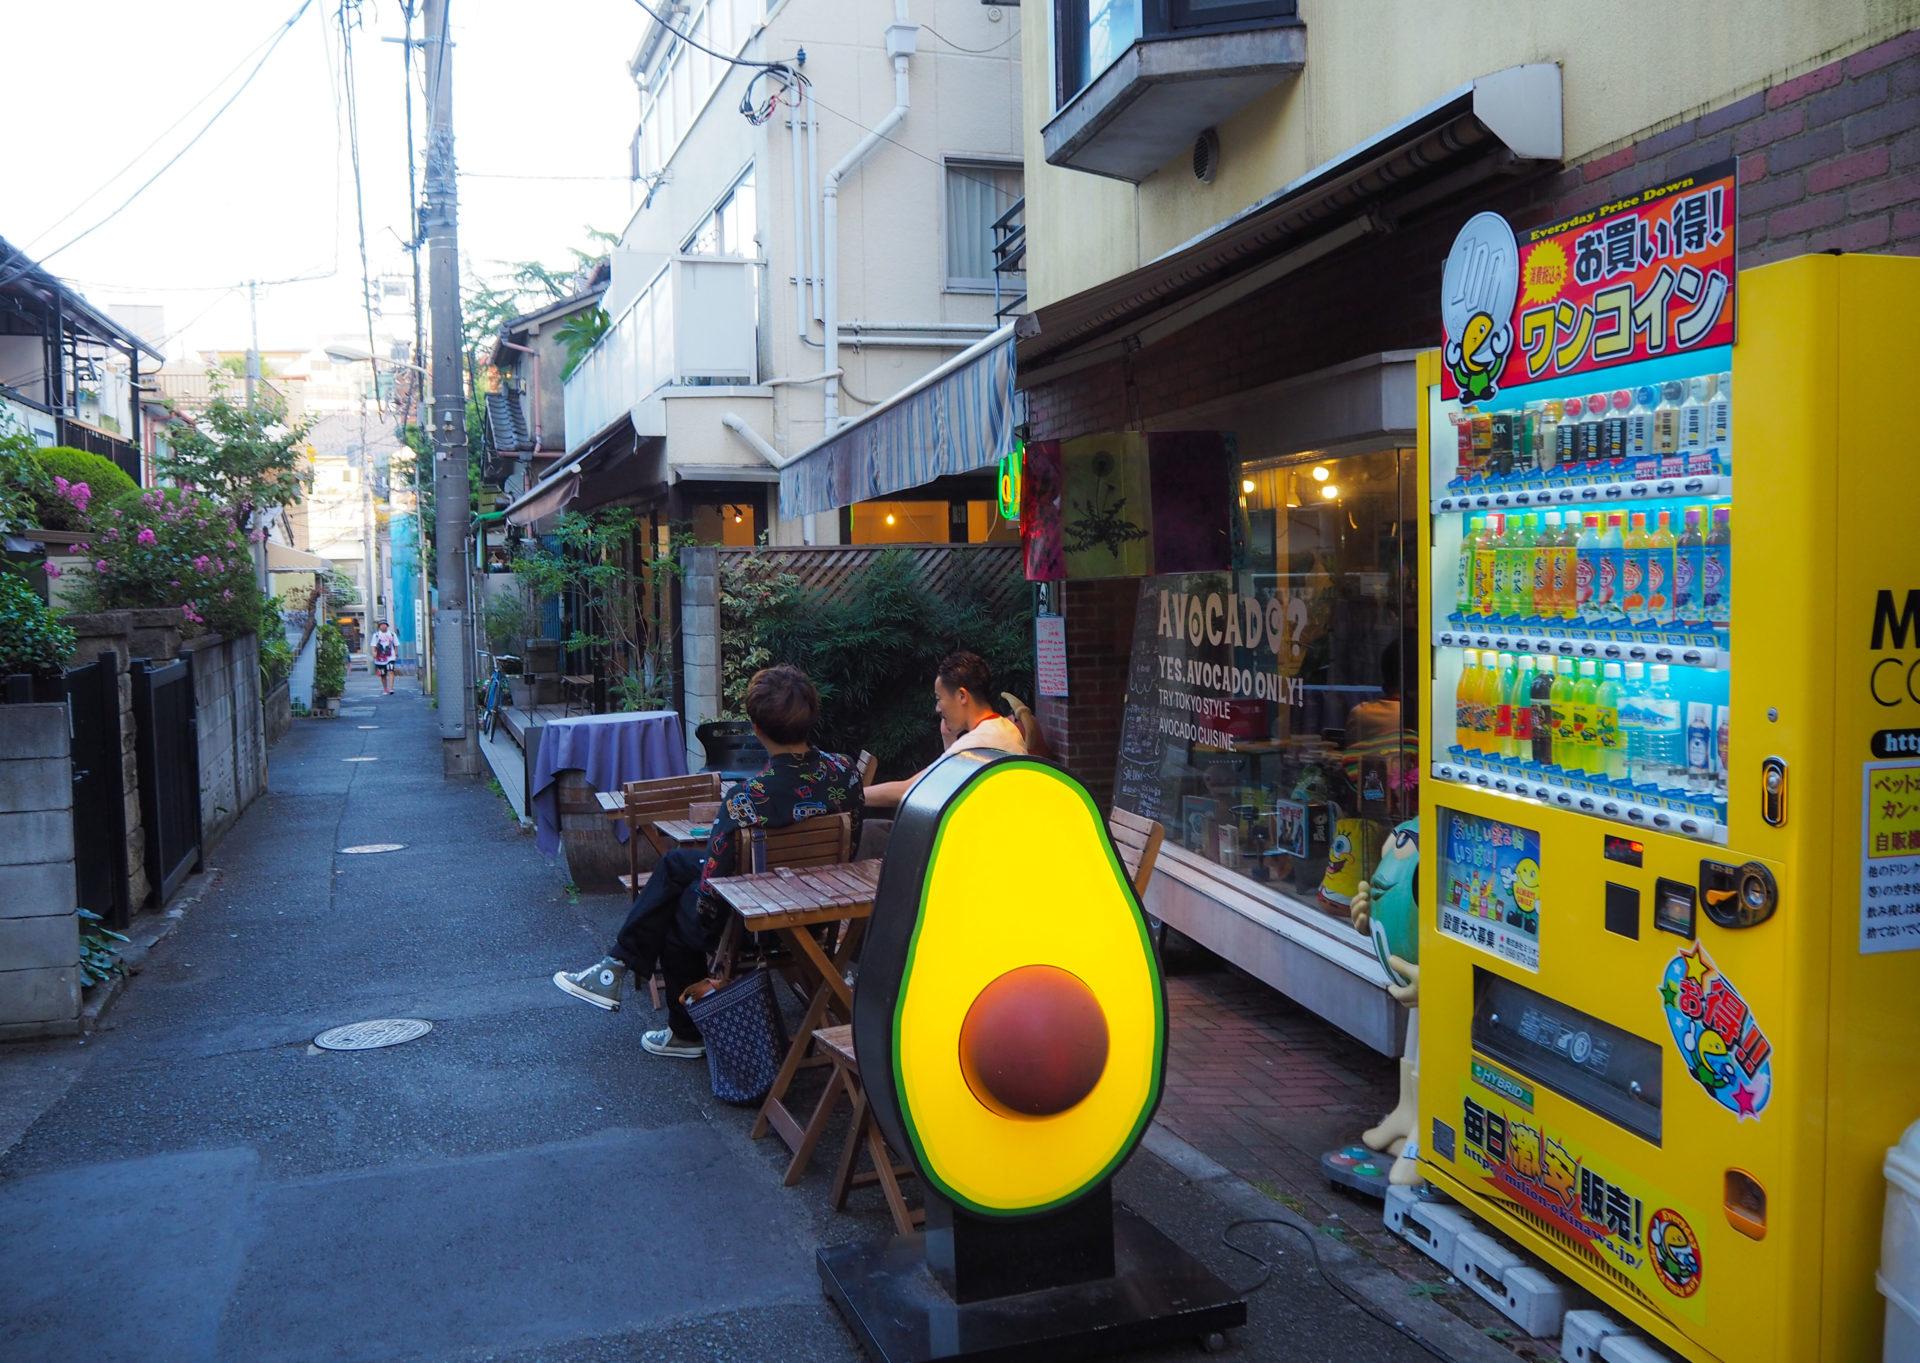 Madosh Café à Urahara à Tokyo - Escale à Tokyo: 24h dans la capitale du Japon - Tokyo en 24h - Récit et itinéraire pour visiter Tokyo en une journée